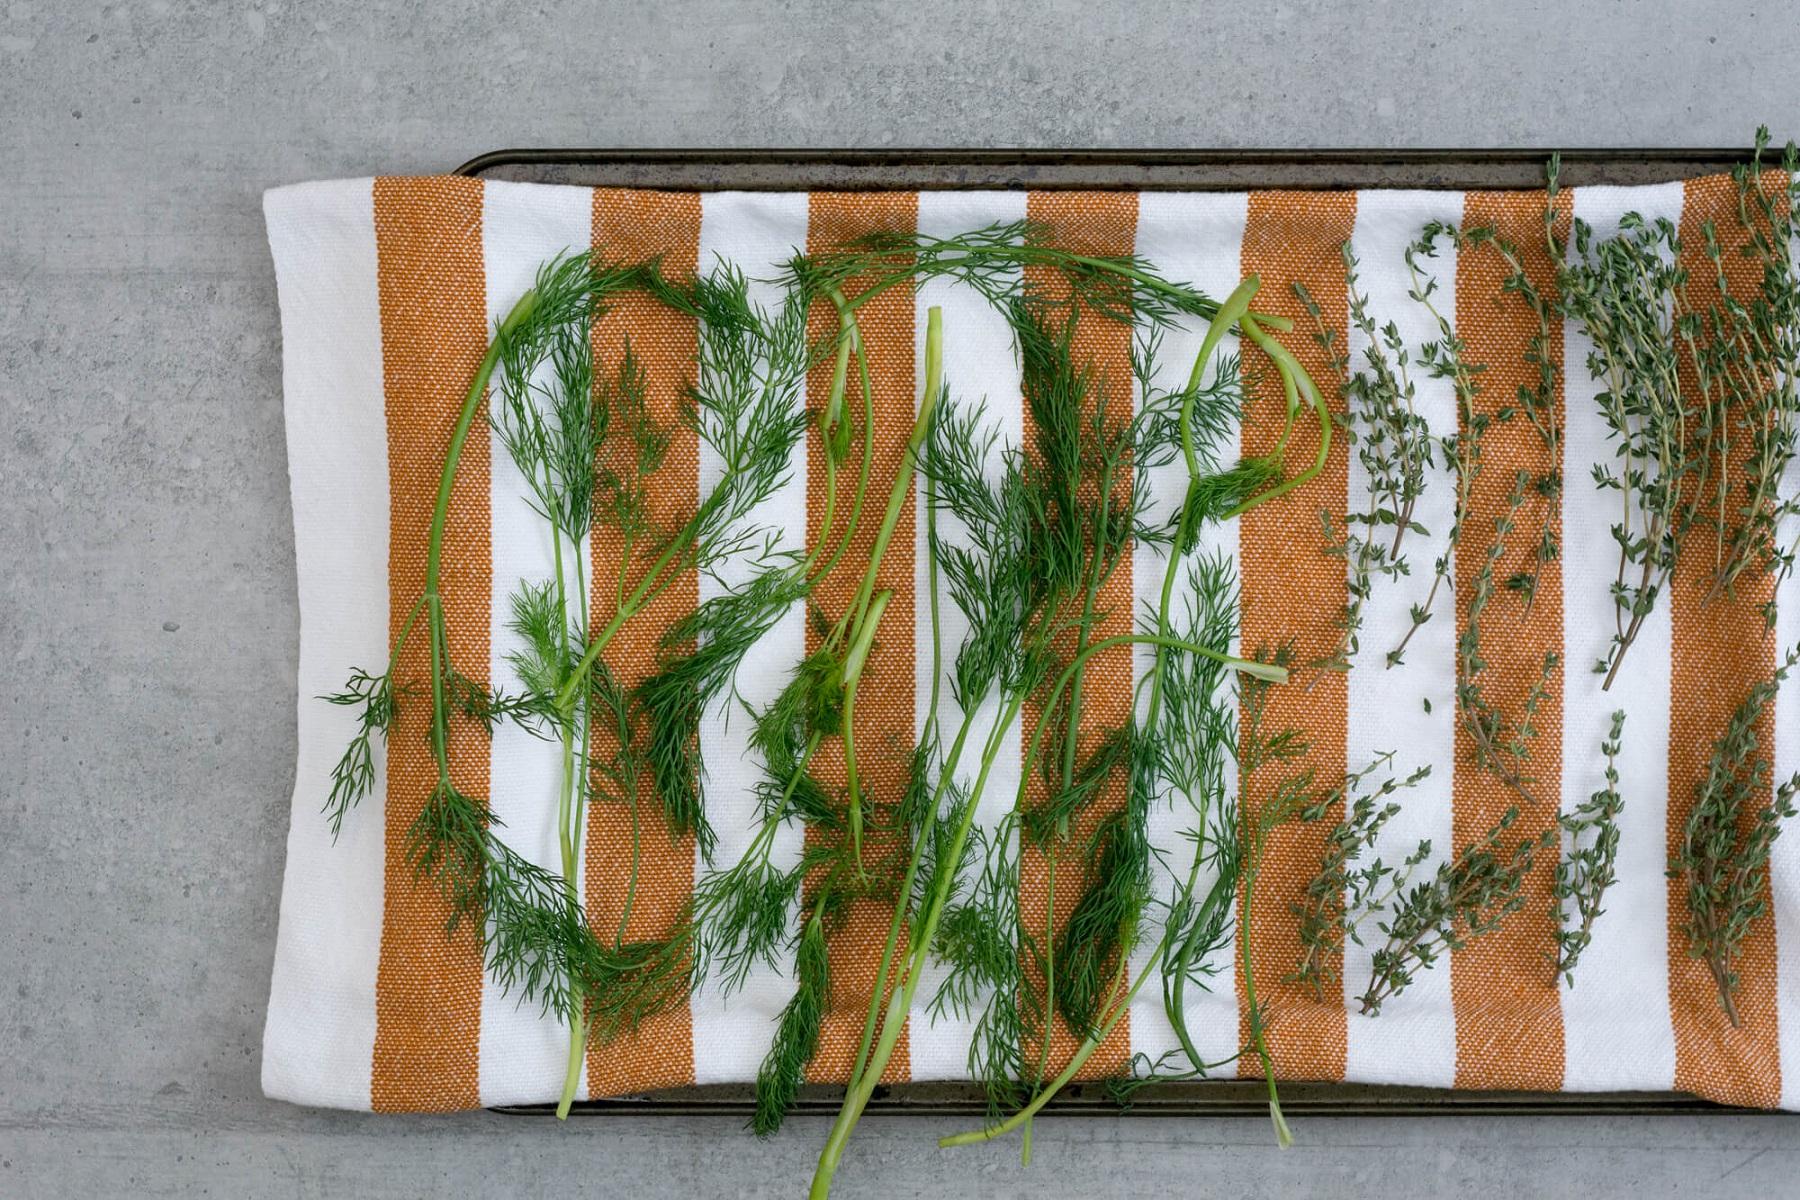 Technique du linge absorbant pour conserver les herbes